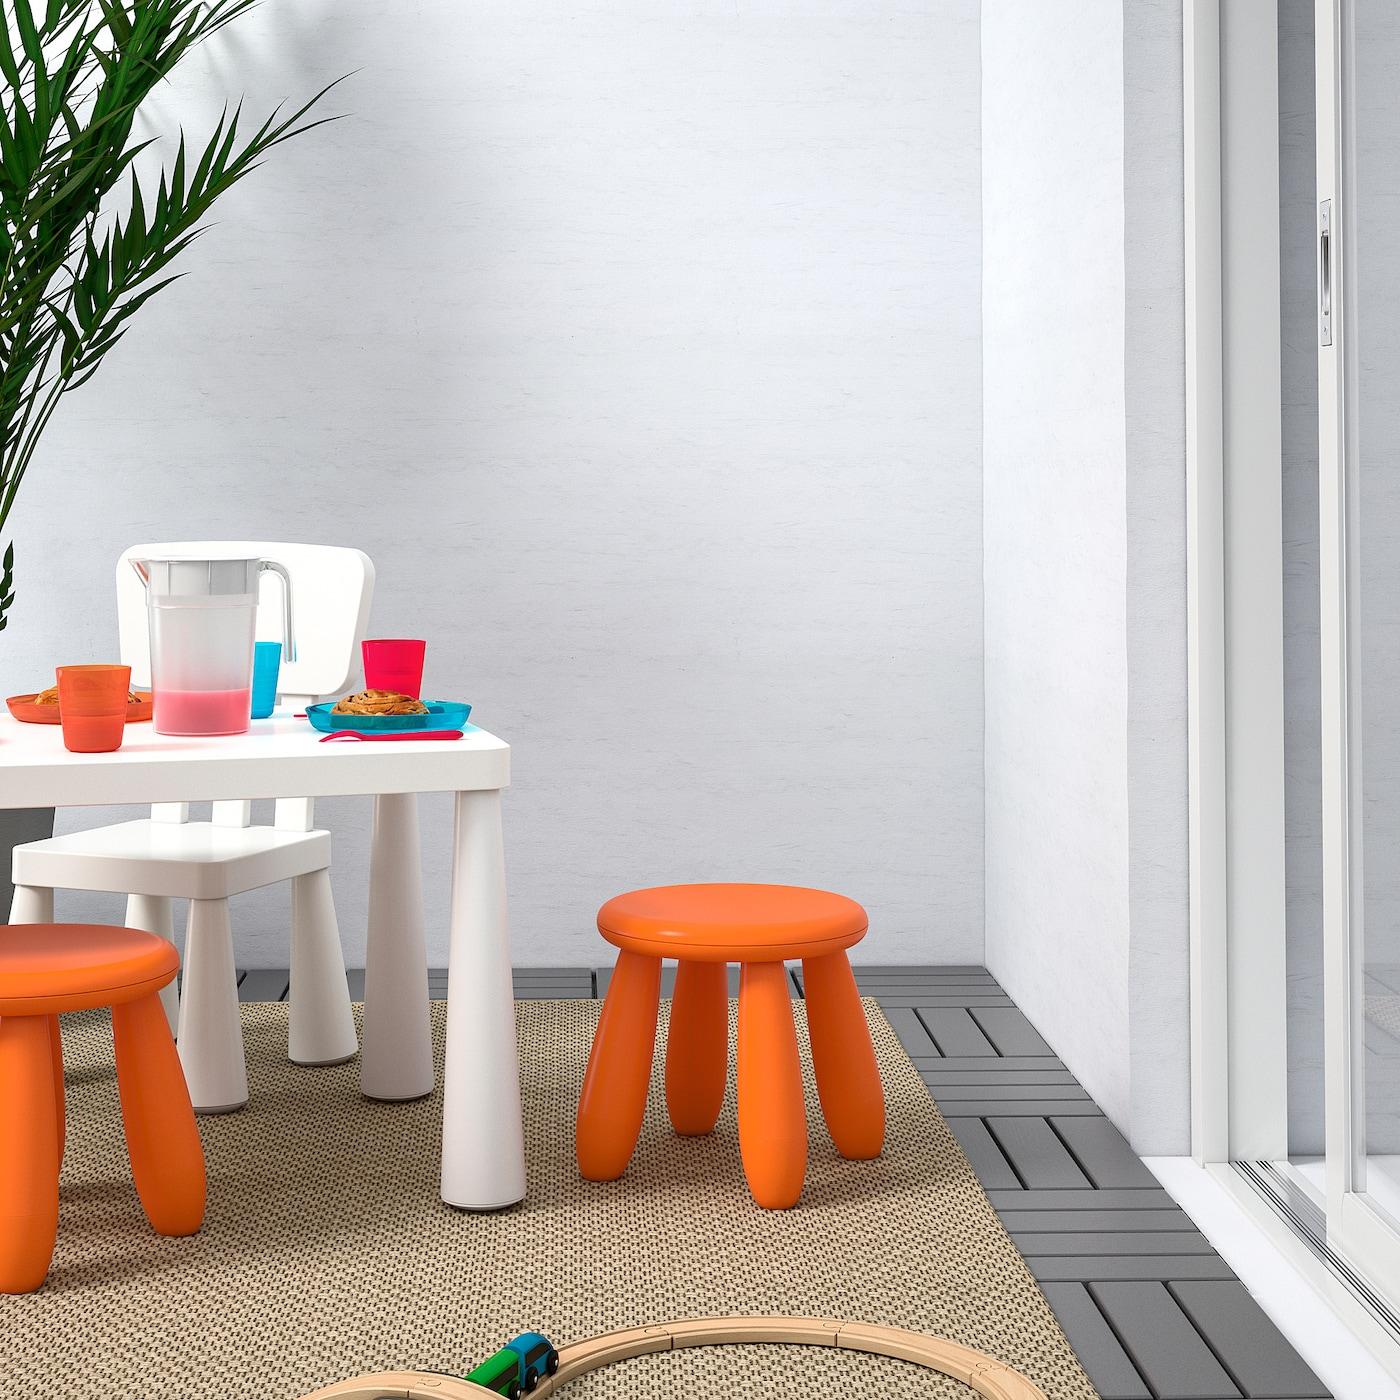 MAMMUT Children's stool, indoor/outdoor/orange